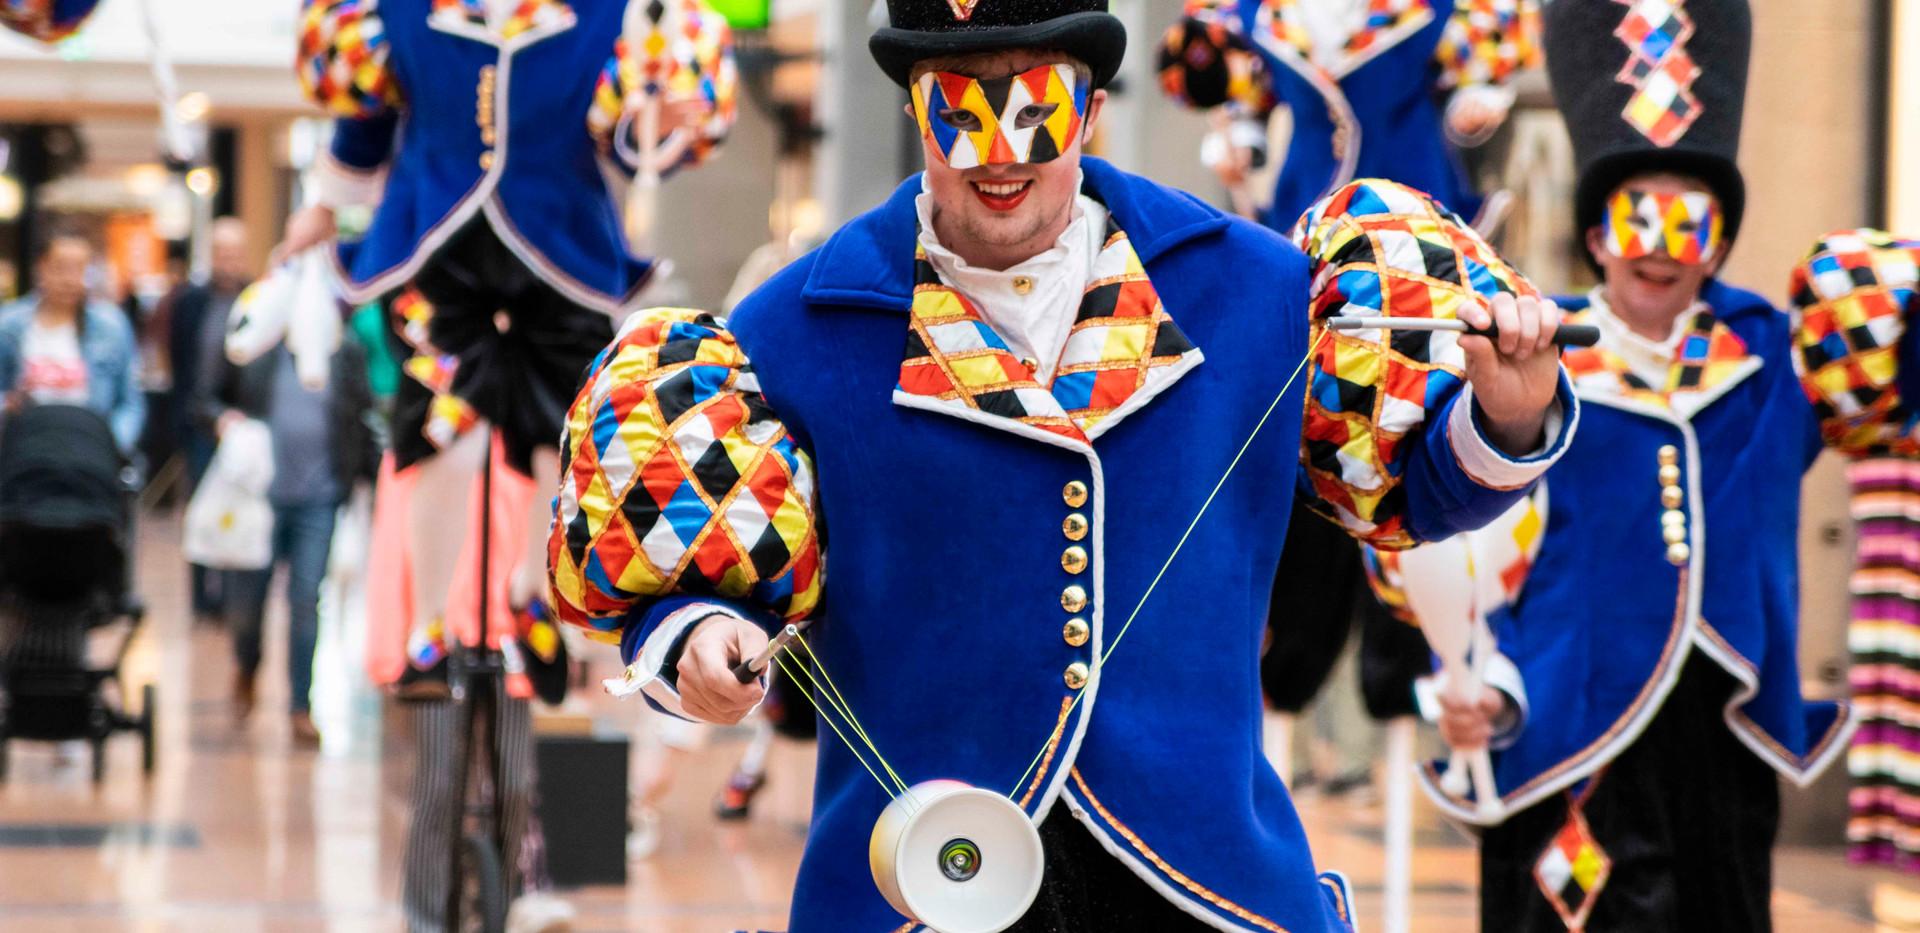 Cirque_Masqué_circus_diabolo_straatthea